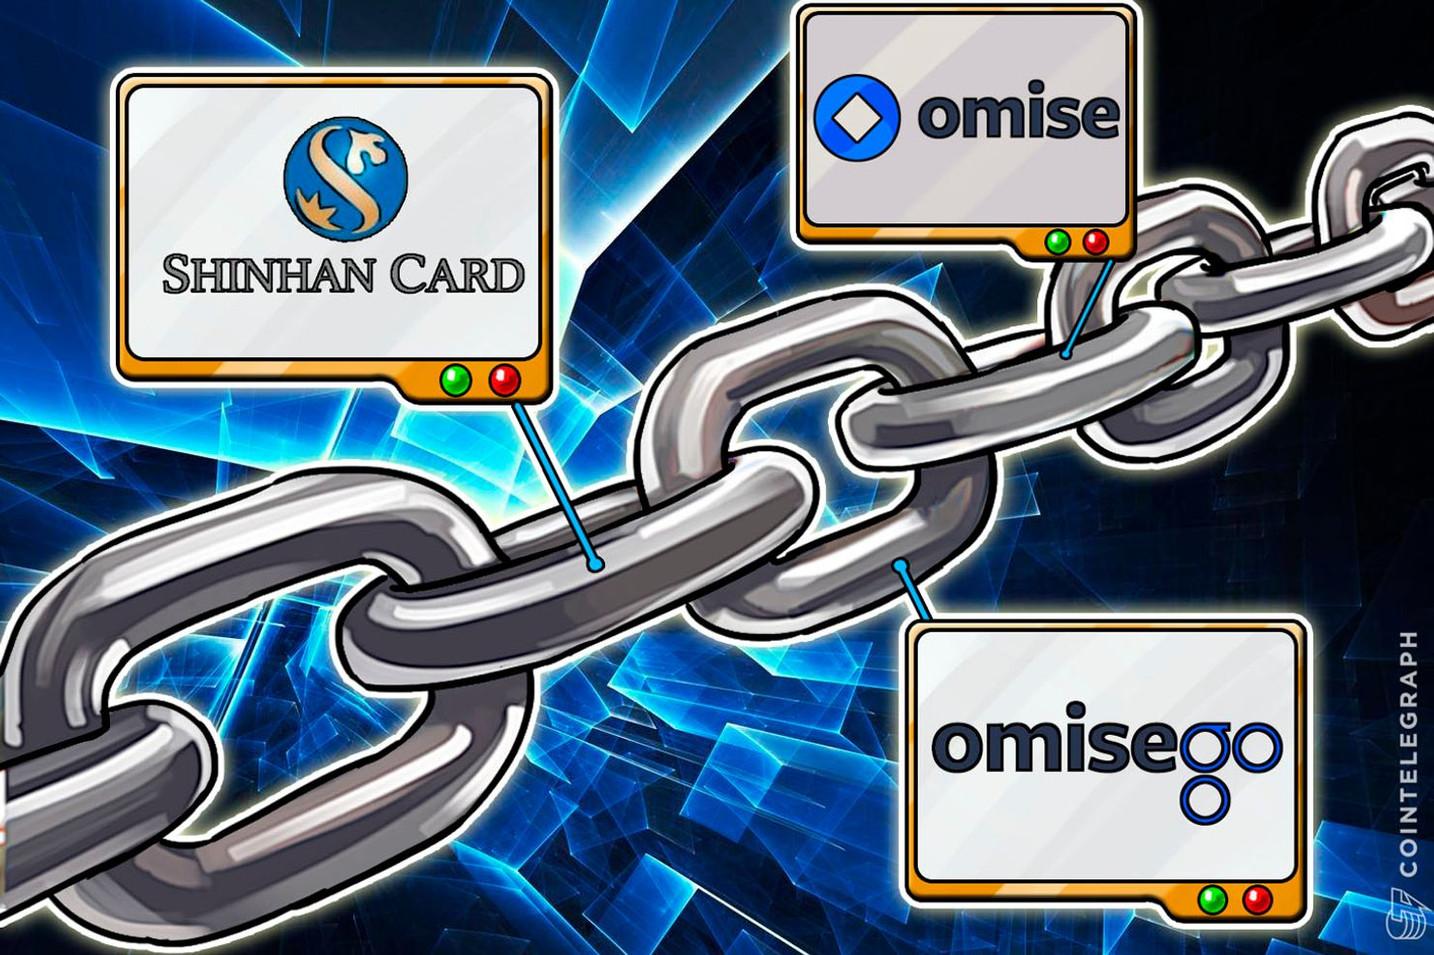 Omise Go:韓国クレジットカード大手の新韓カードとの実証実験完了 Plasmaチェーン上でポイントをトークン化